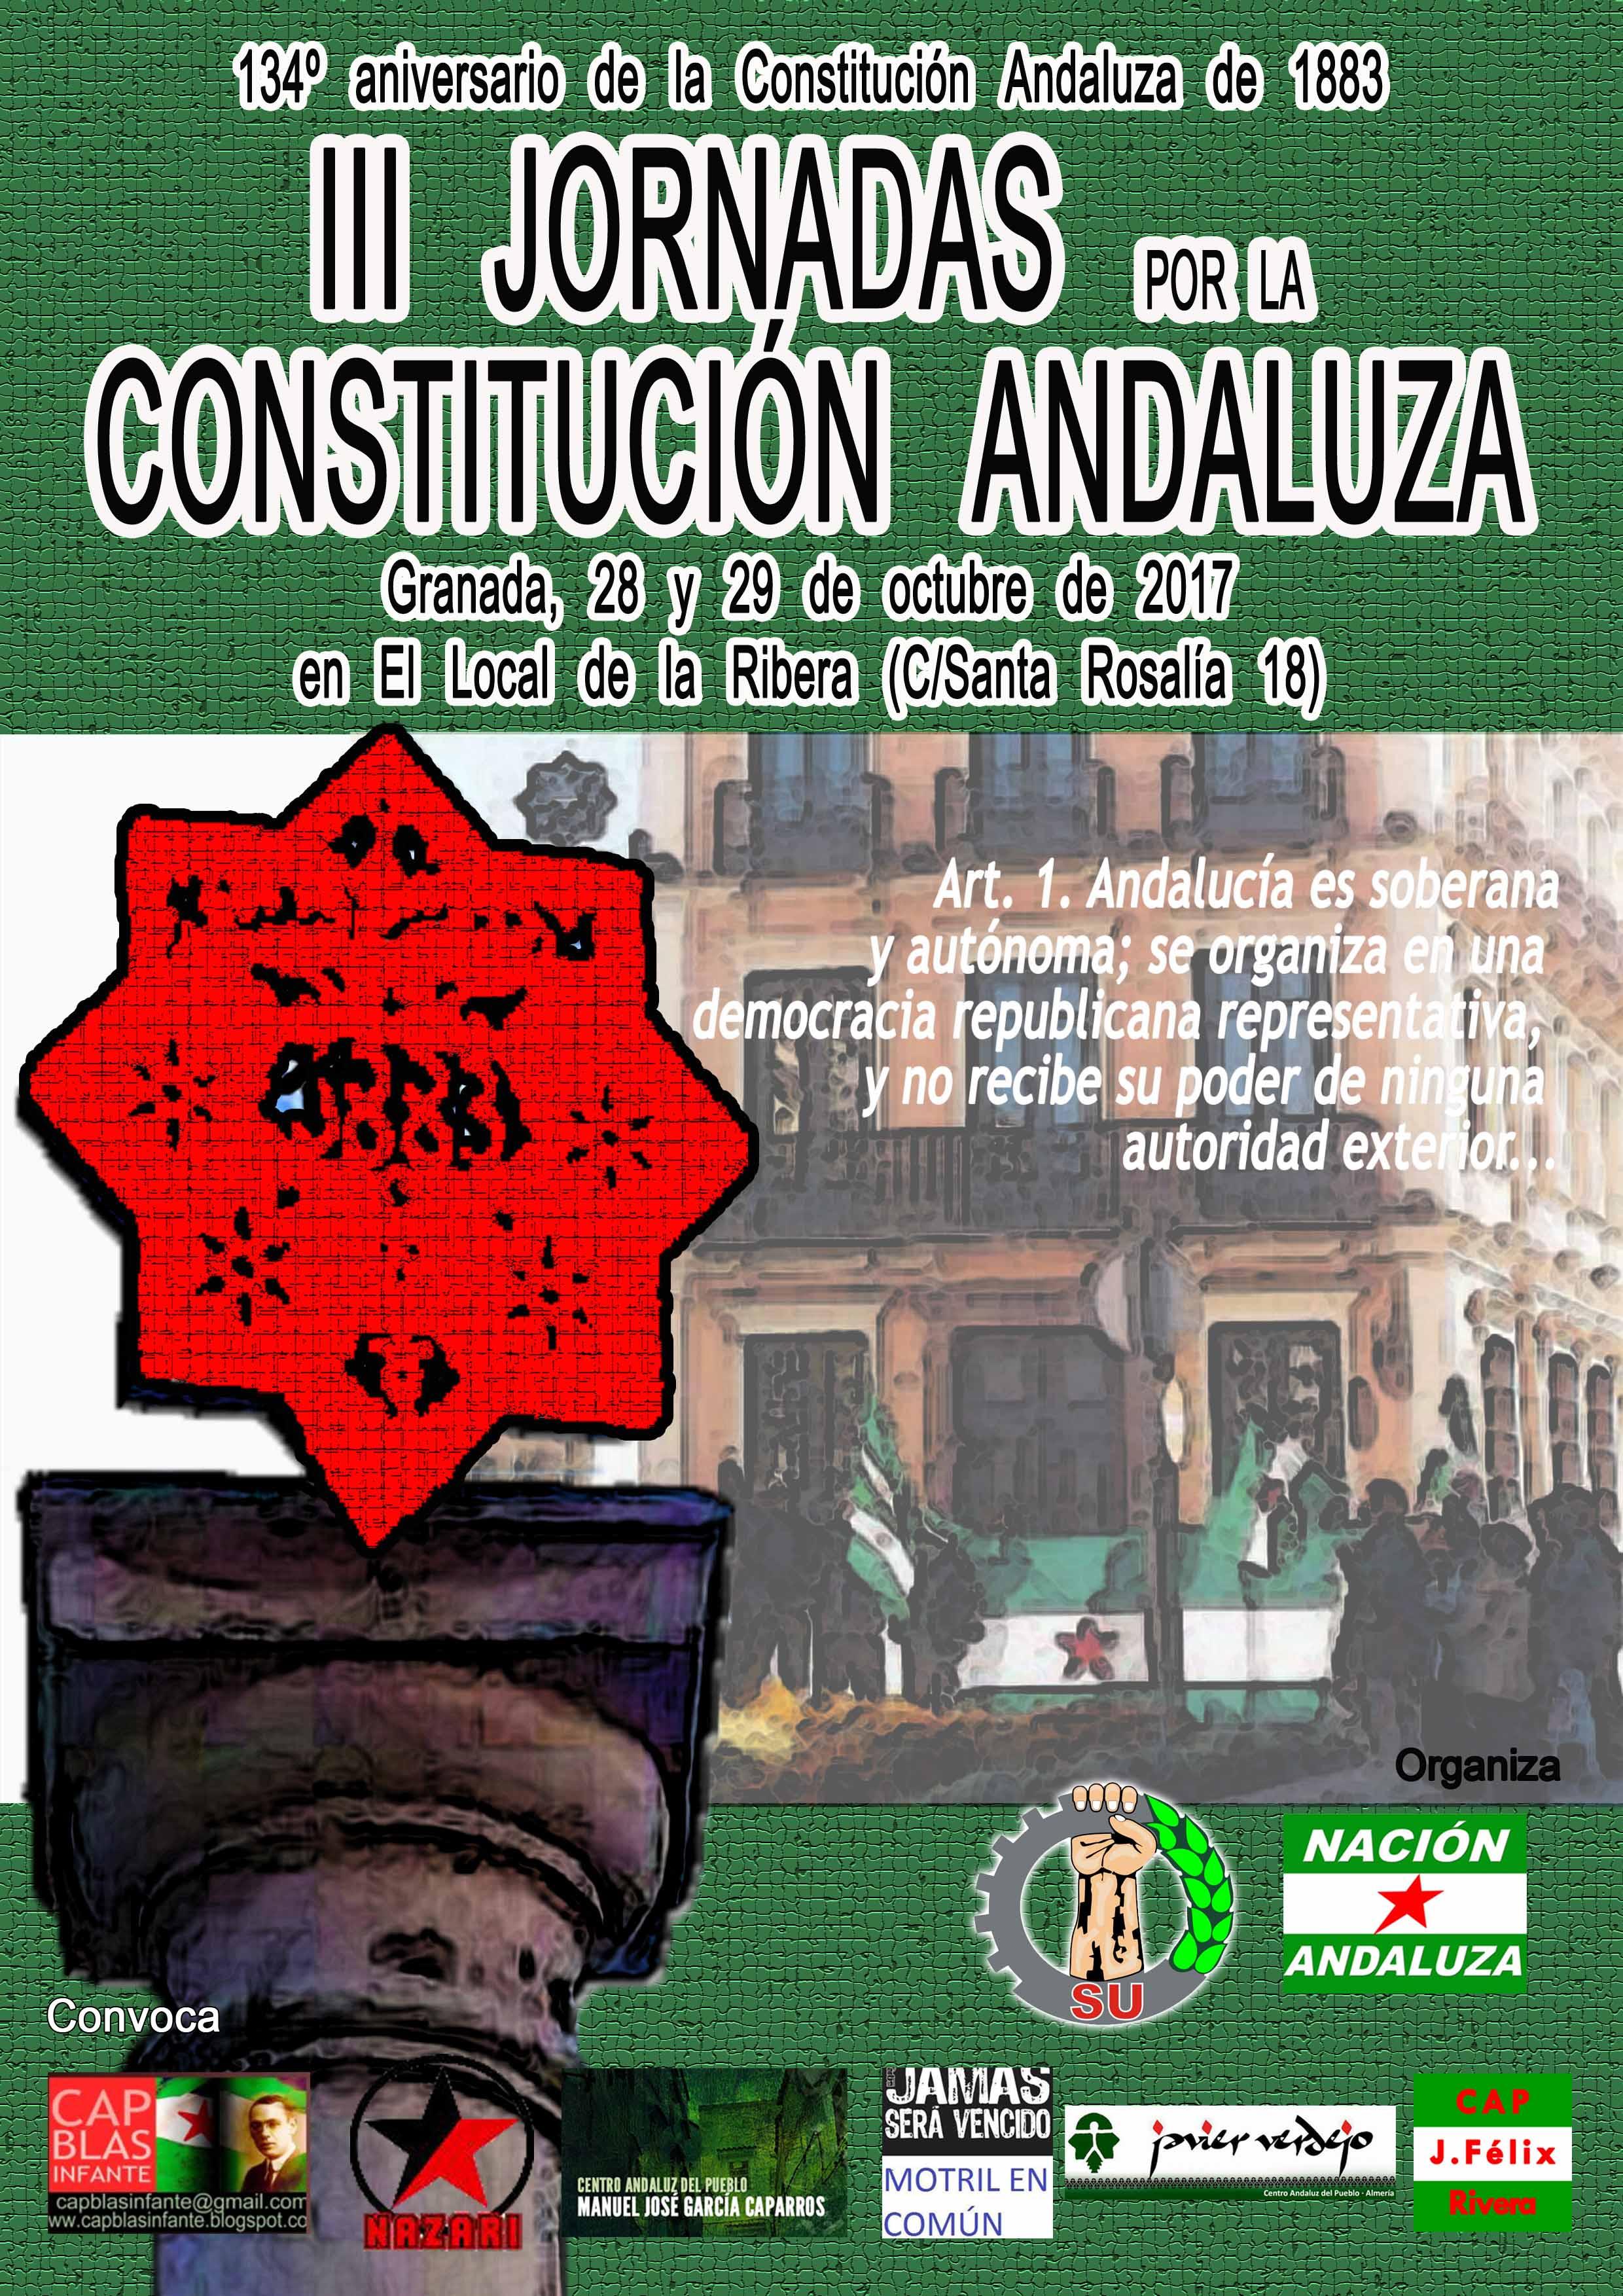 III Jornadas por la Constitución Andaluza